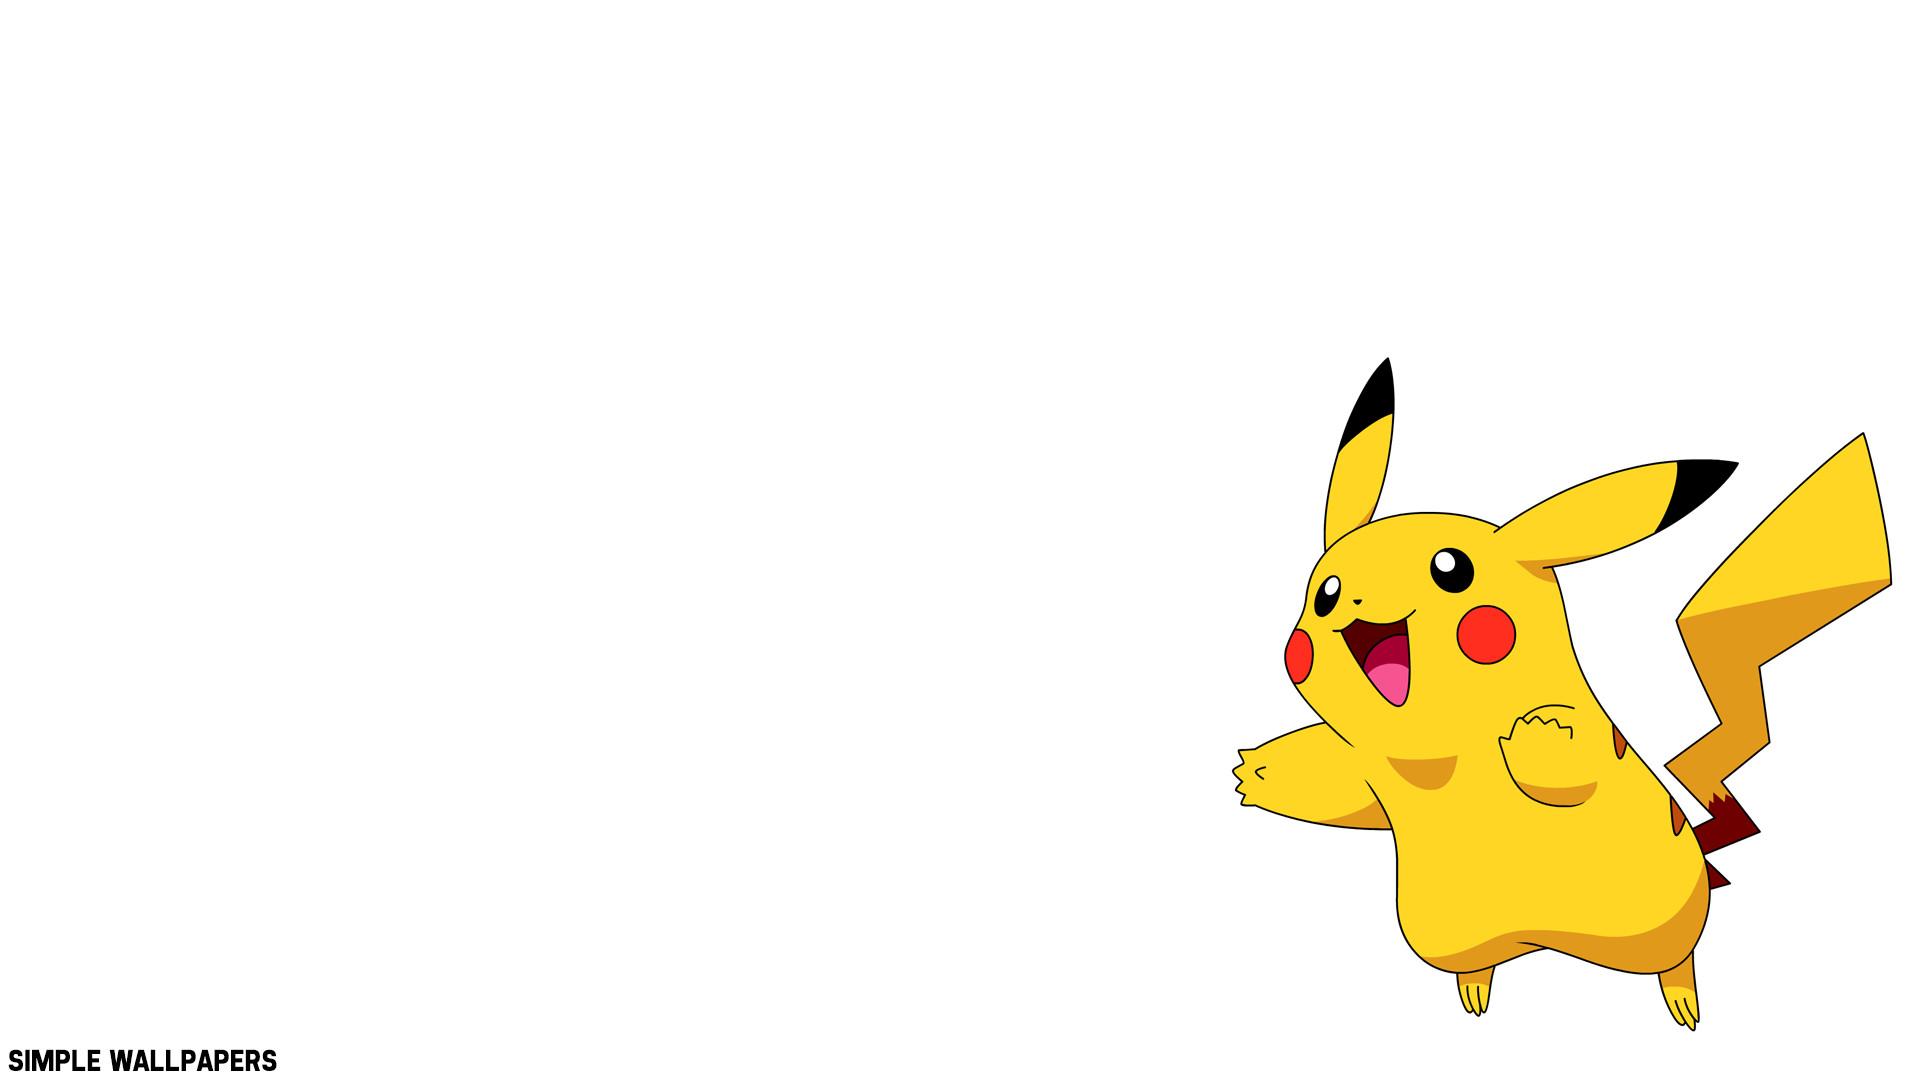 Pikachu Wallpaper by SimpleWallpapers Pikachu Wallpaper by SimpleWallpapers